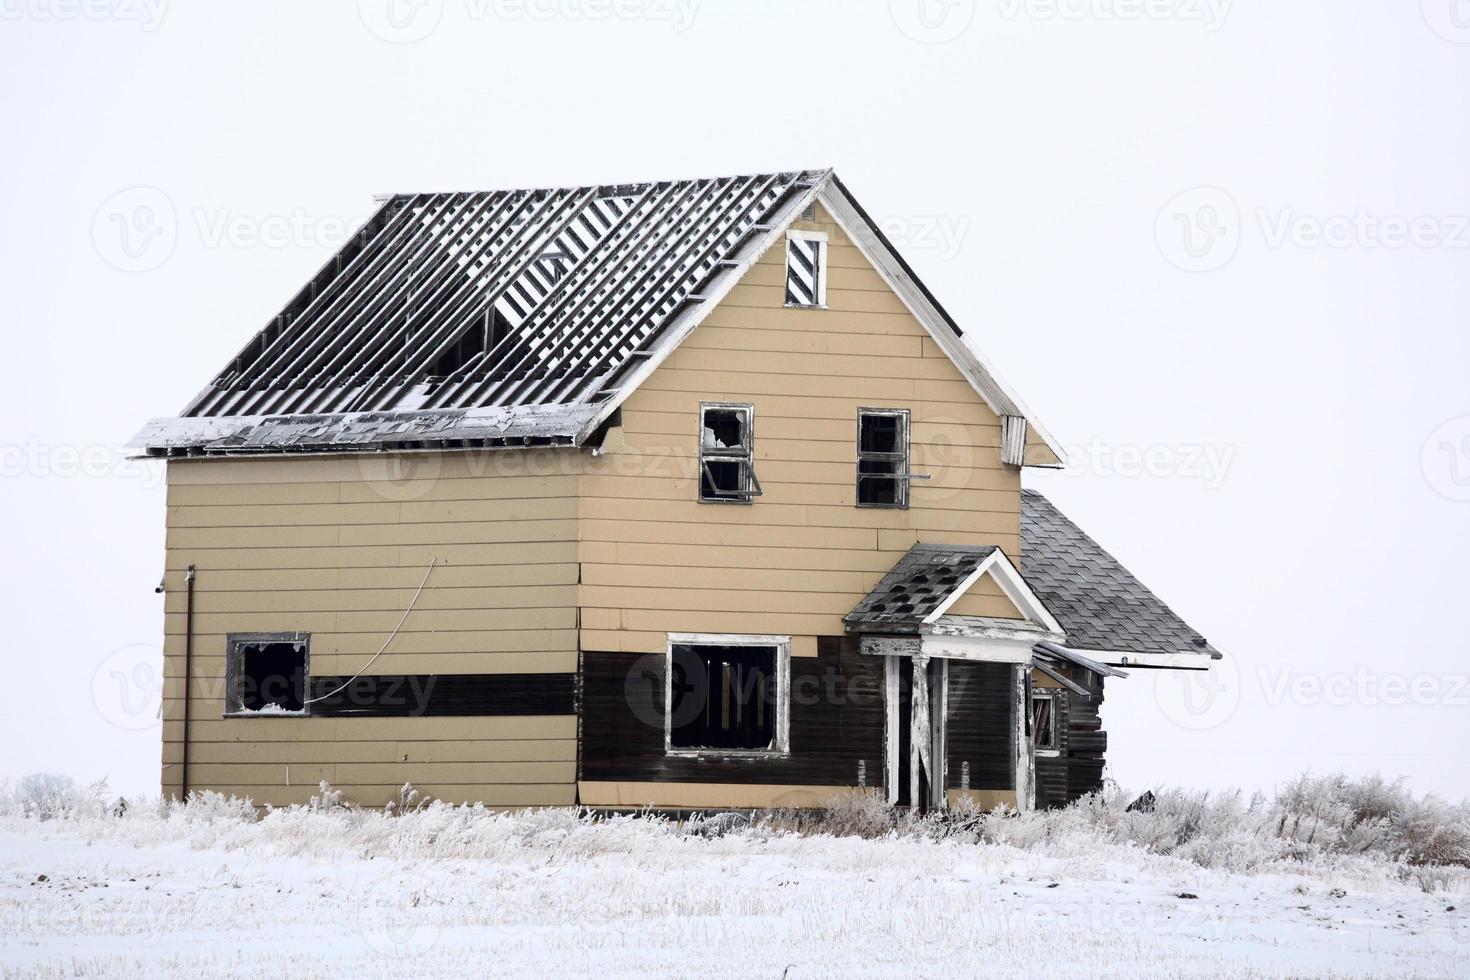 casa colonica abbandonata senza tetto in inverno foto